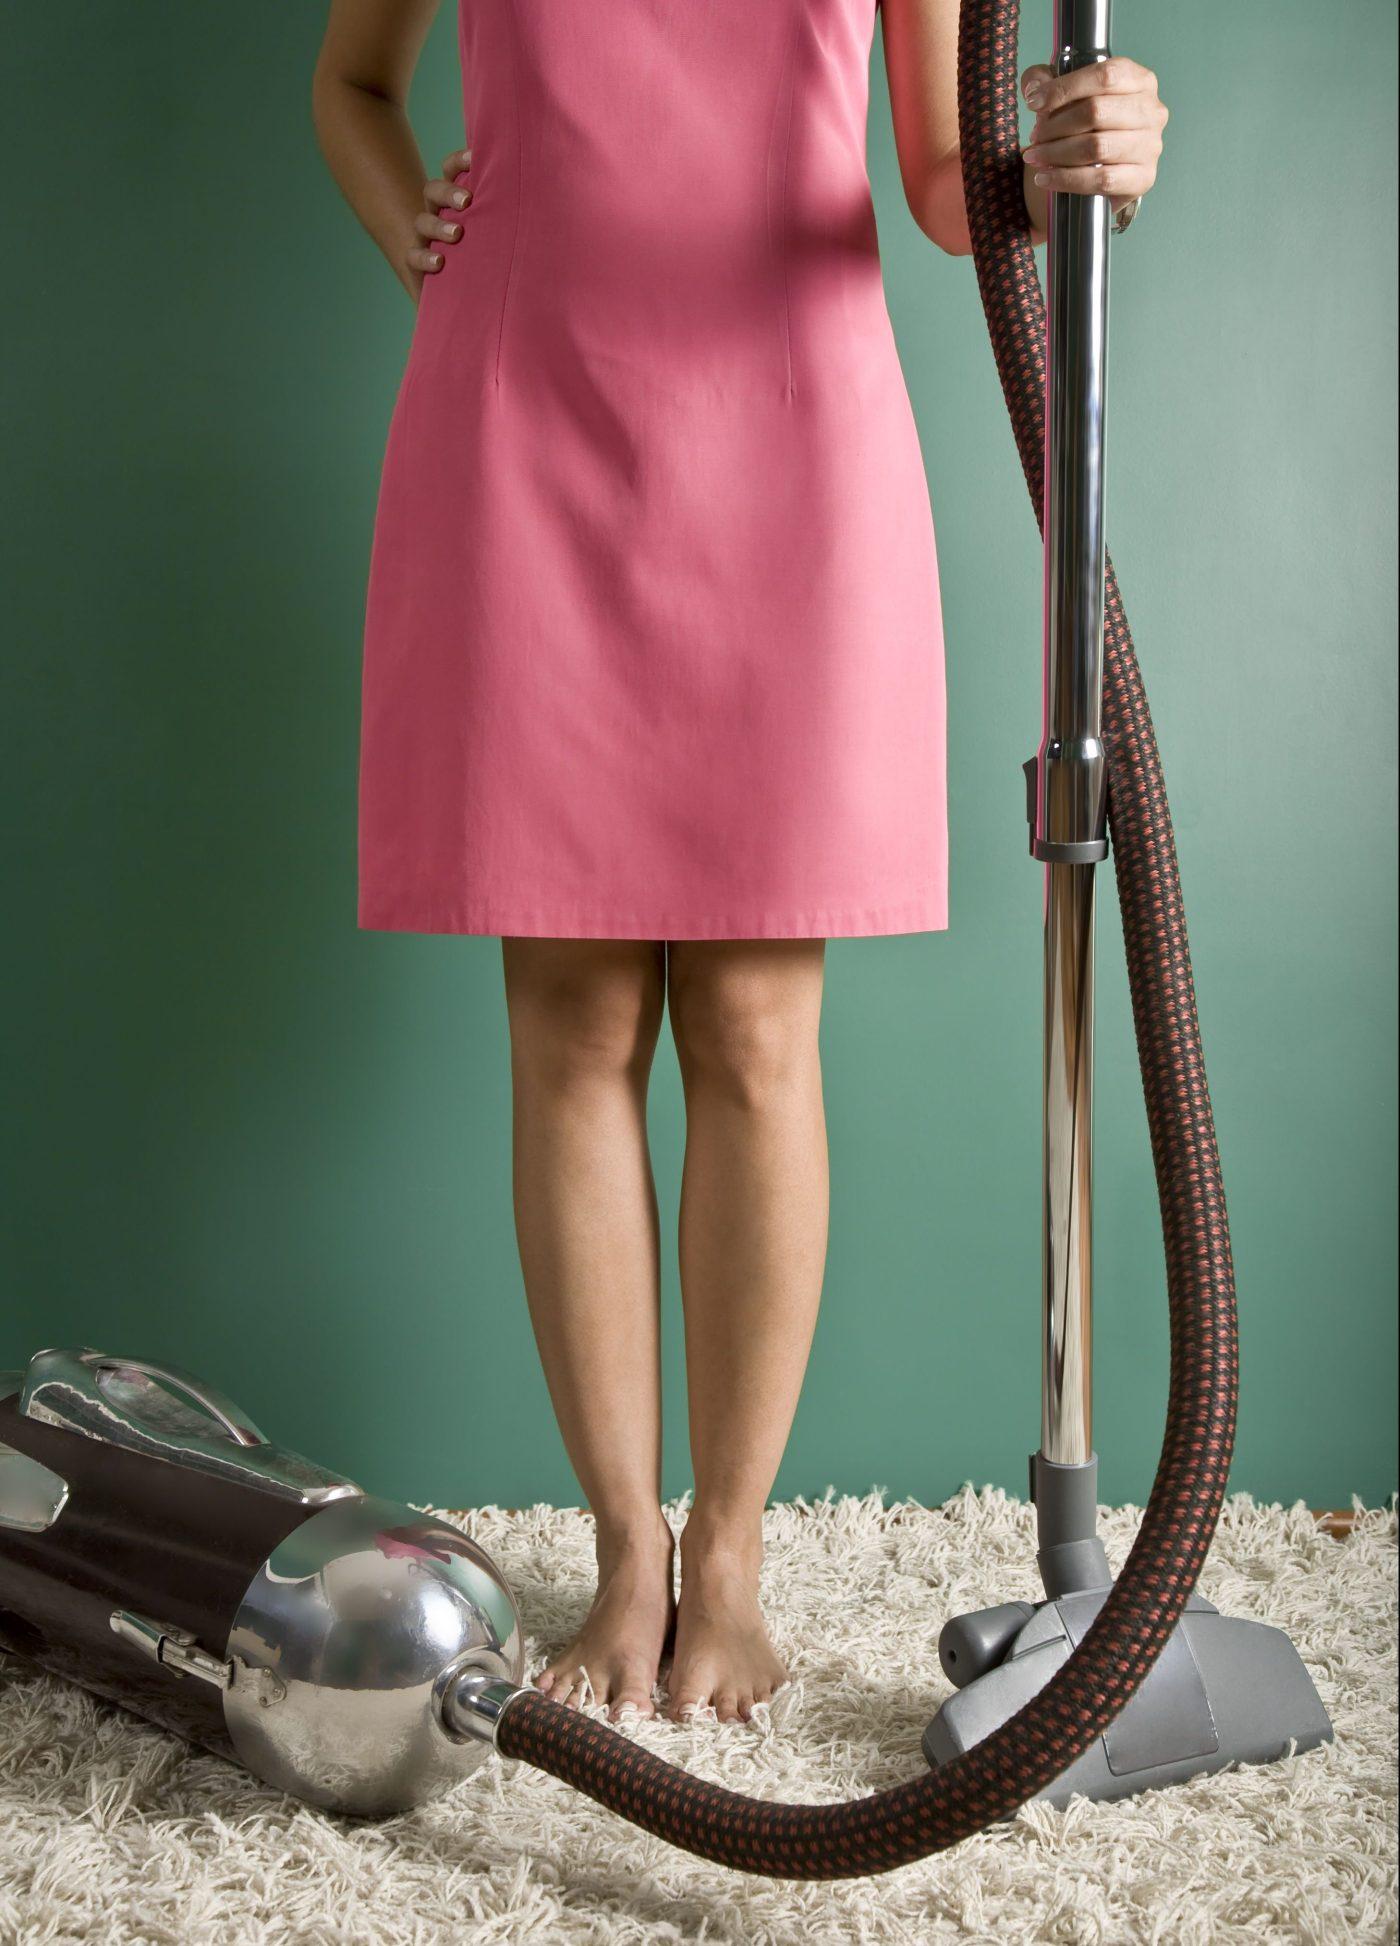 vintage vacuum cleaner